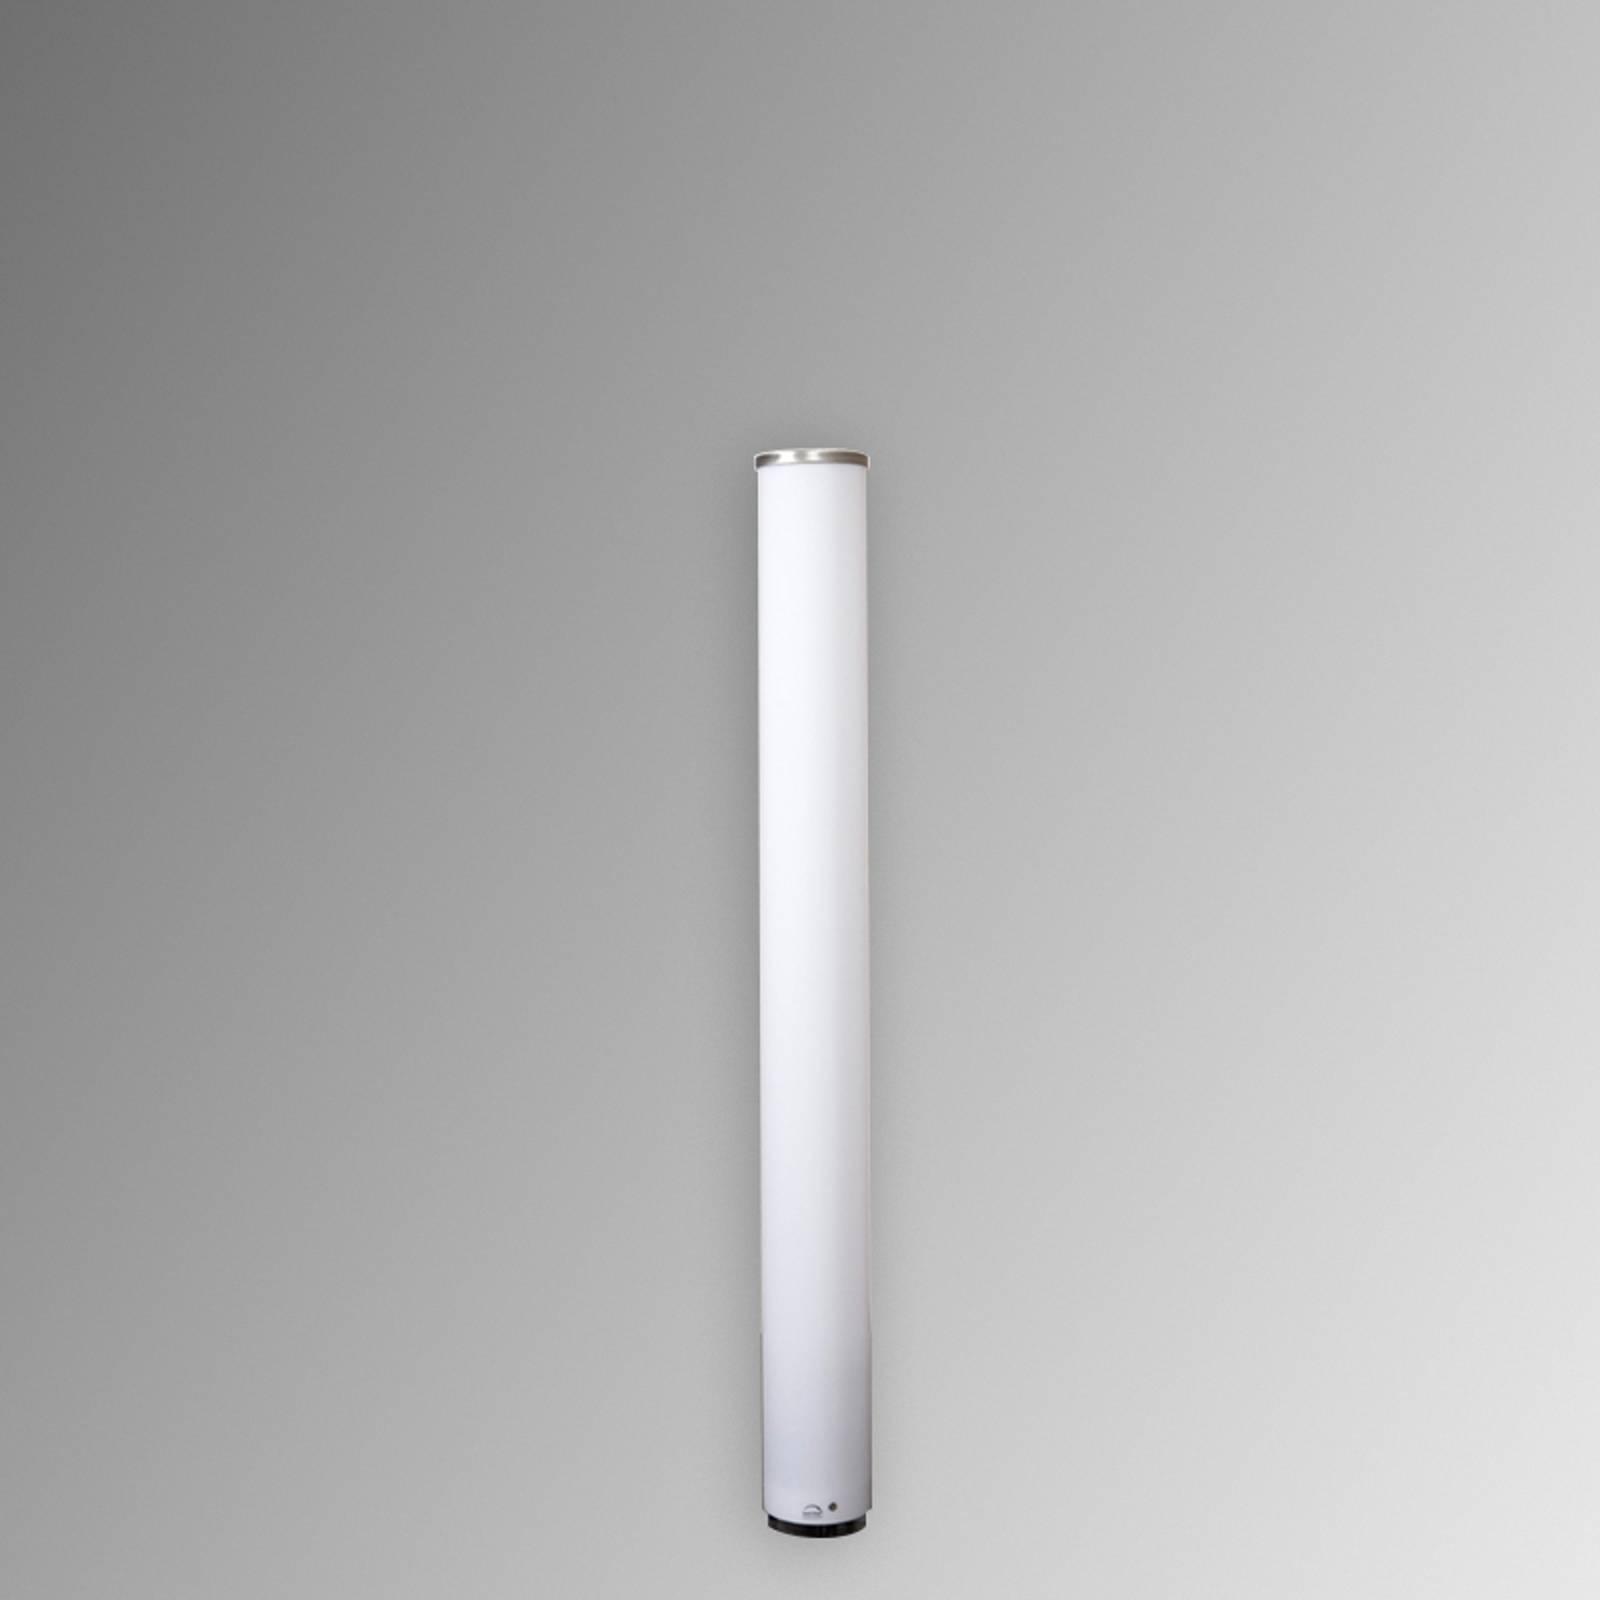 Erinomainen valopylväs Stick 95 cm